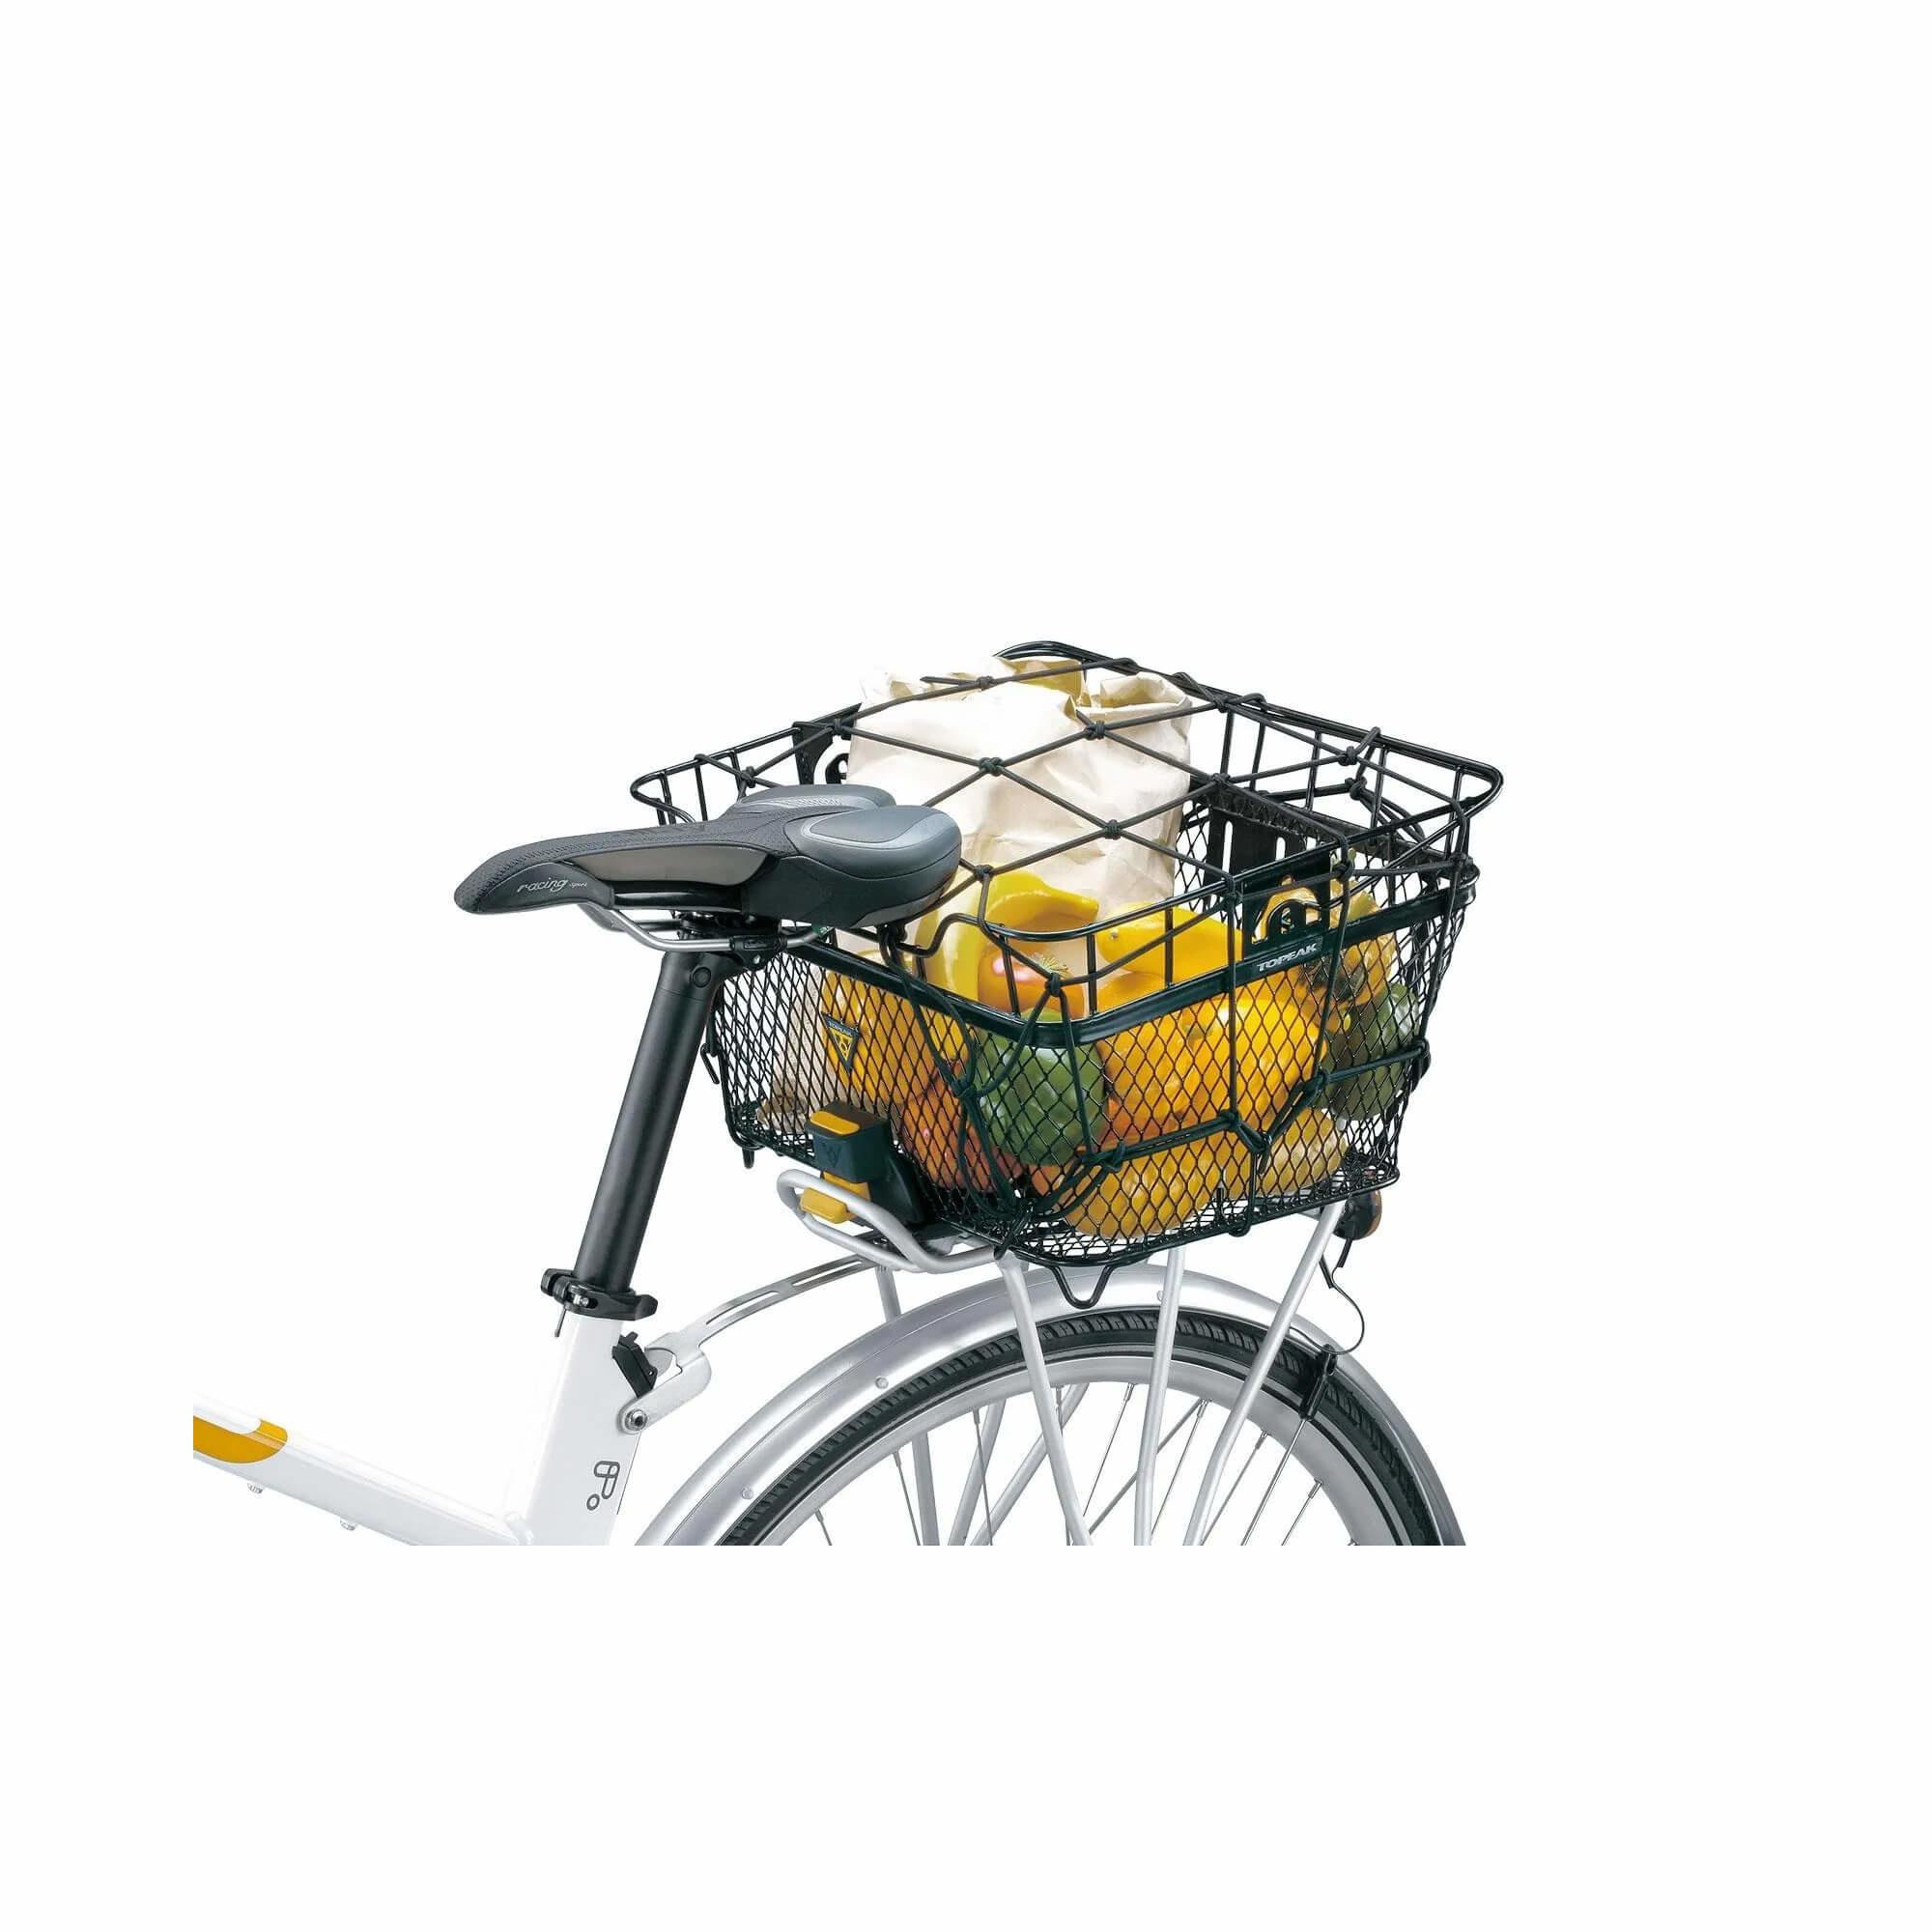 MTX Basket Rear-1